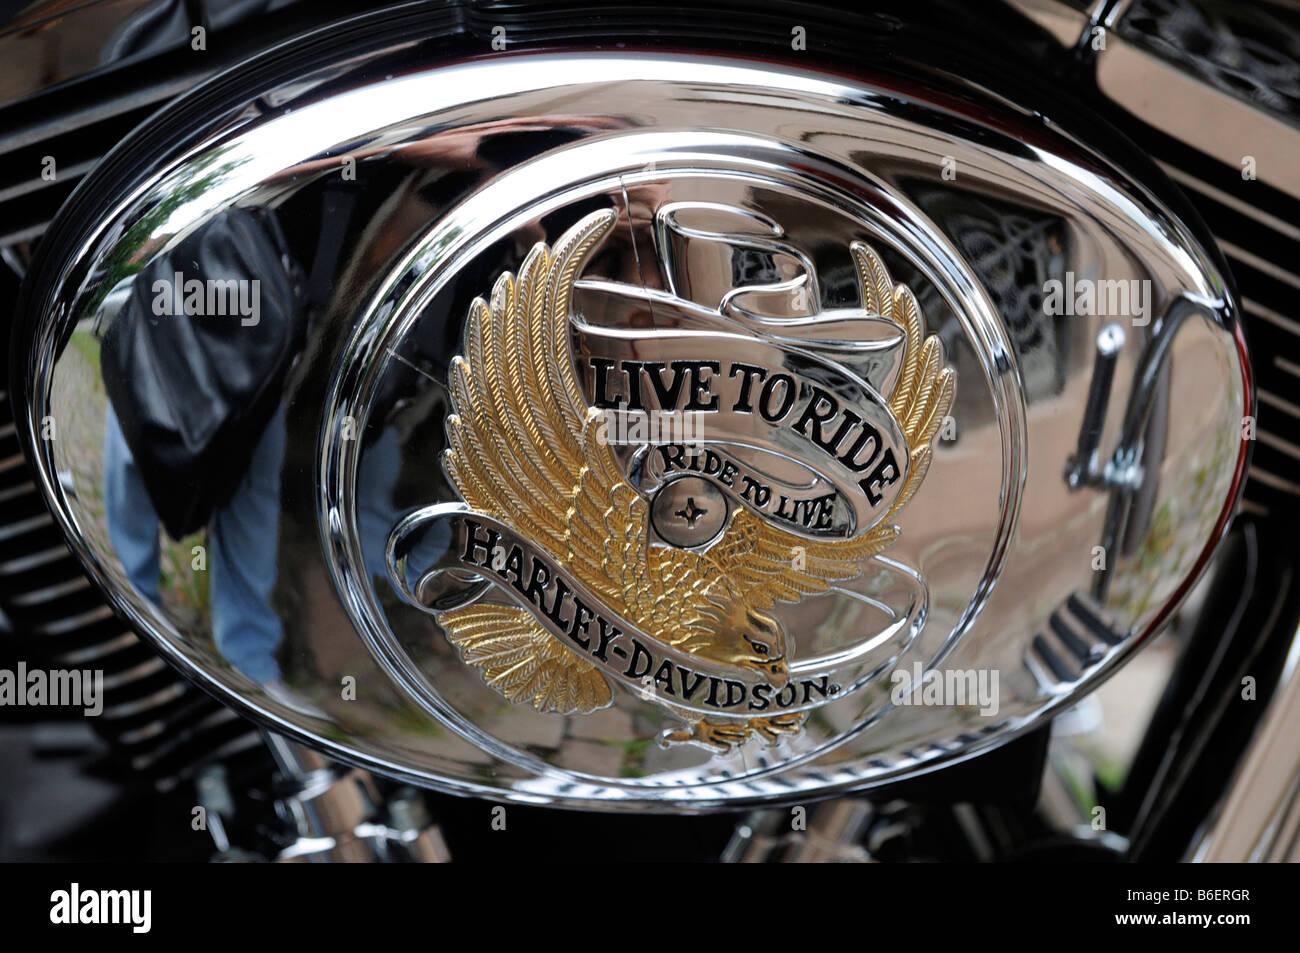 motorbike emblem stock photos motorbike emblem stock images alamy. Black Bedroom Furniture Sets. Home Design Ideas